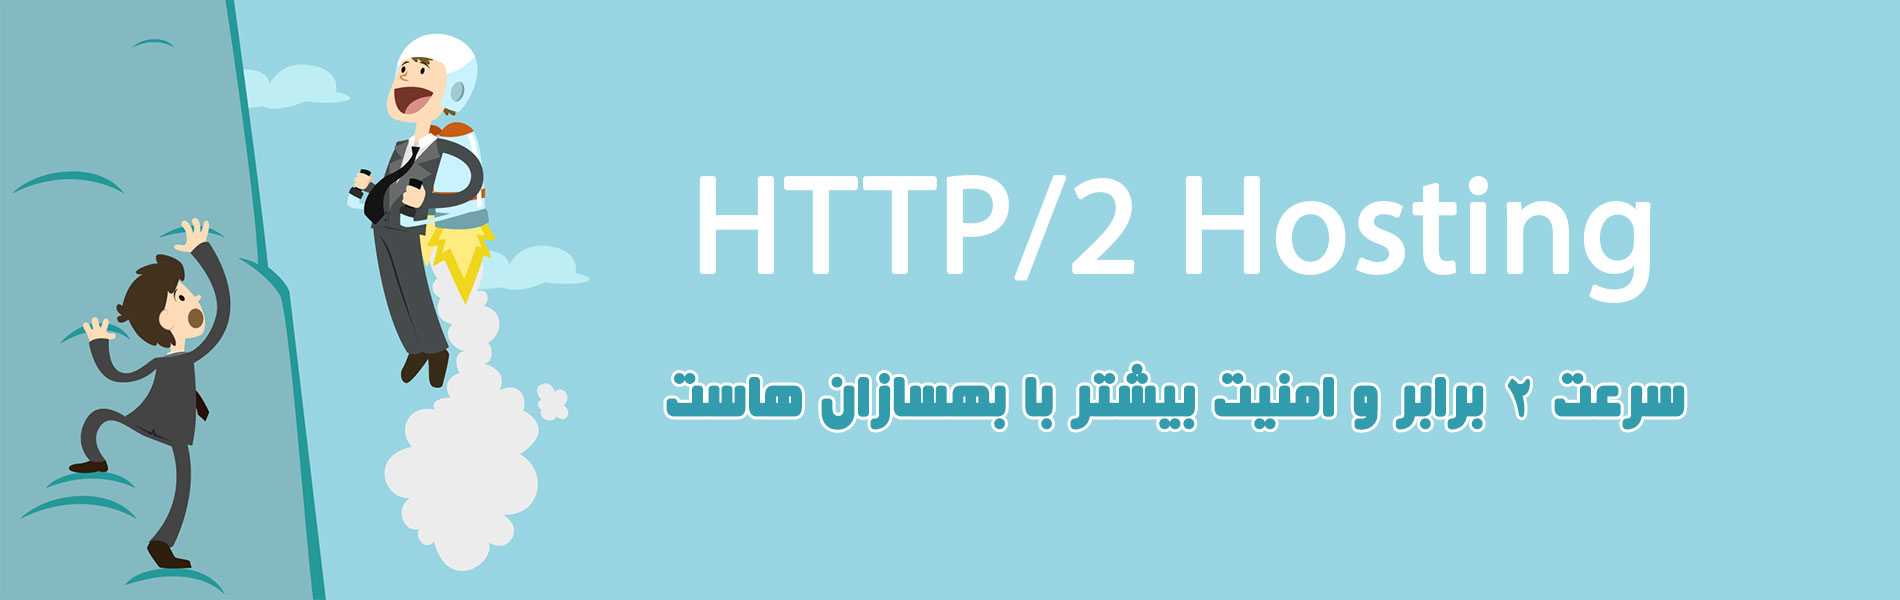 هاست HTTP/2